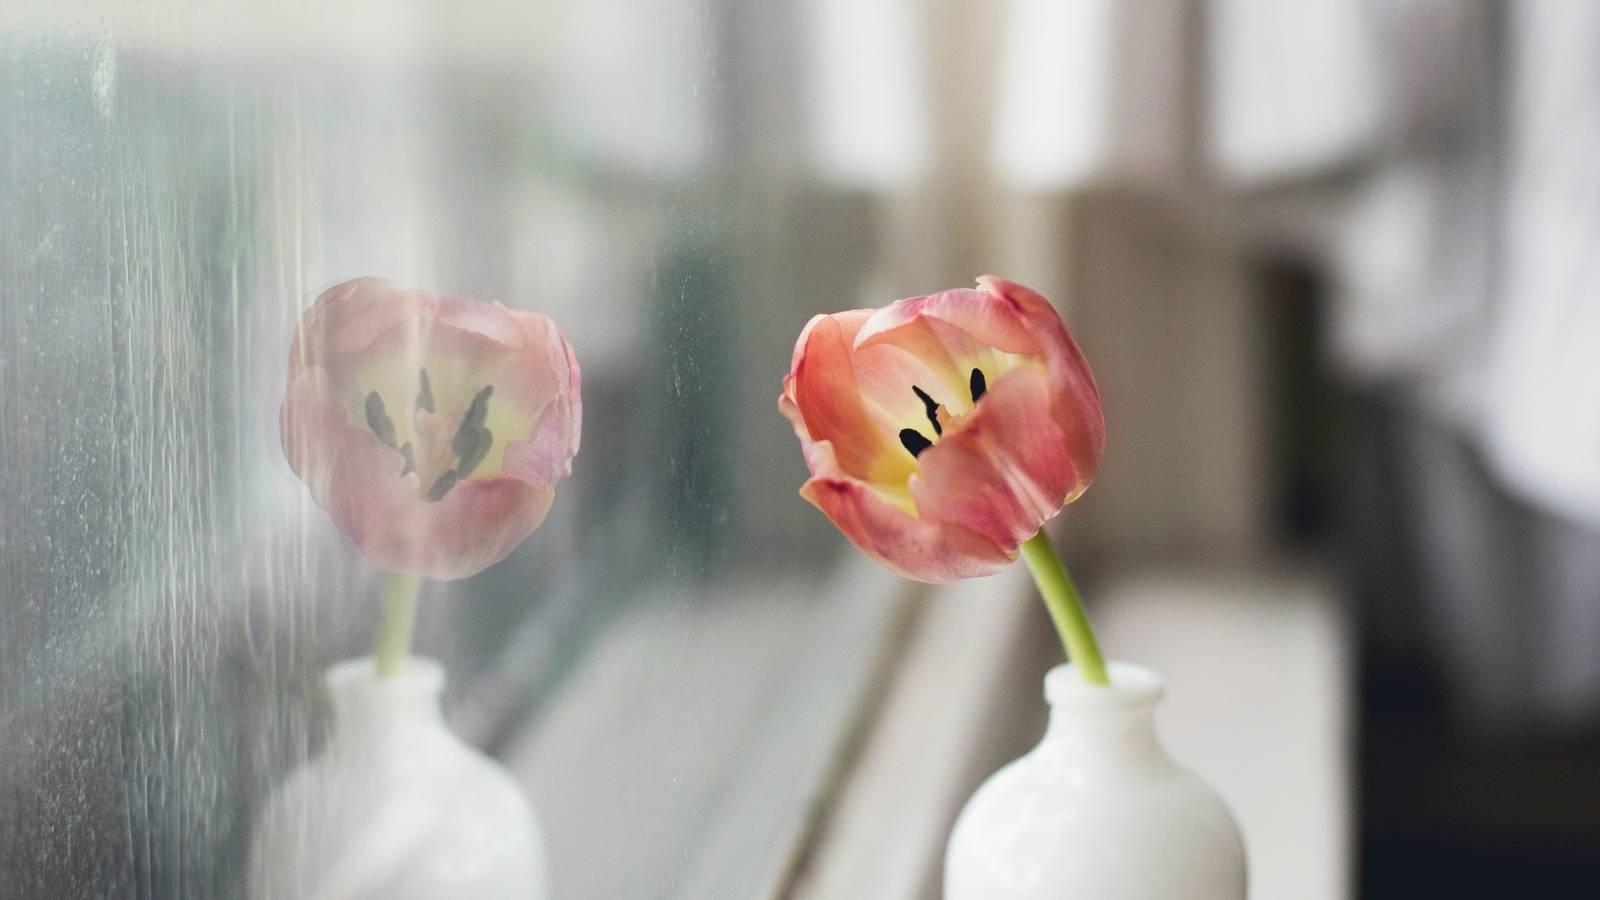 Schnittblumen nie direkter Sonne aussetzen, sie mögen auch keinen Durchzug. (© Unsplash)